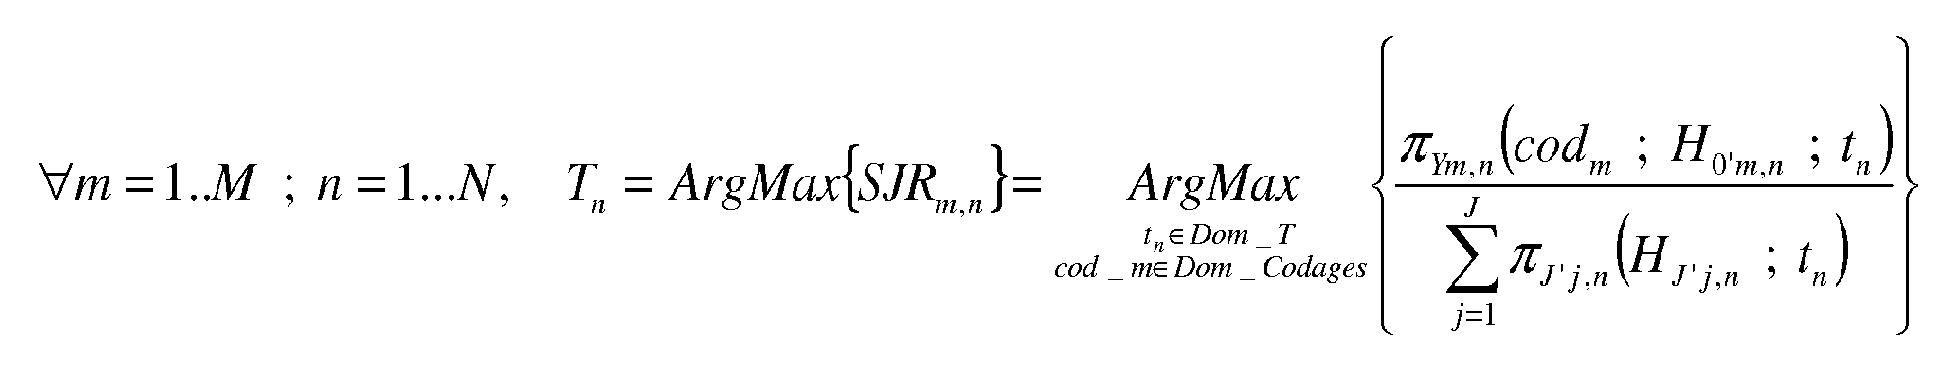 Comment la datation devient relation